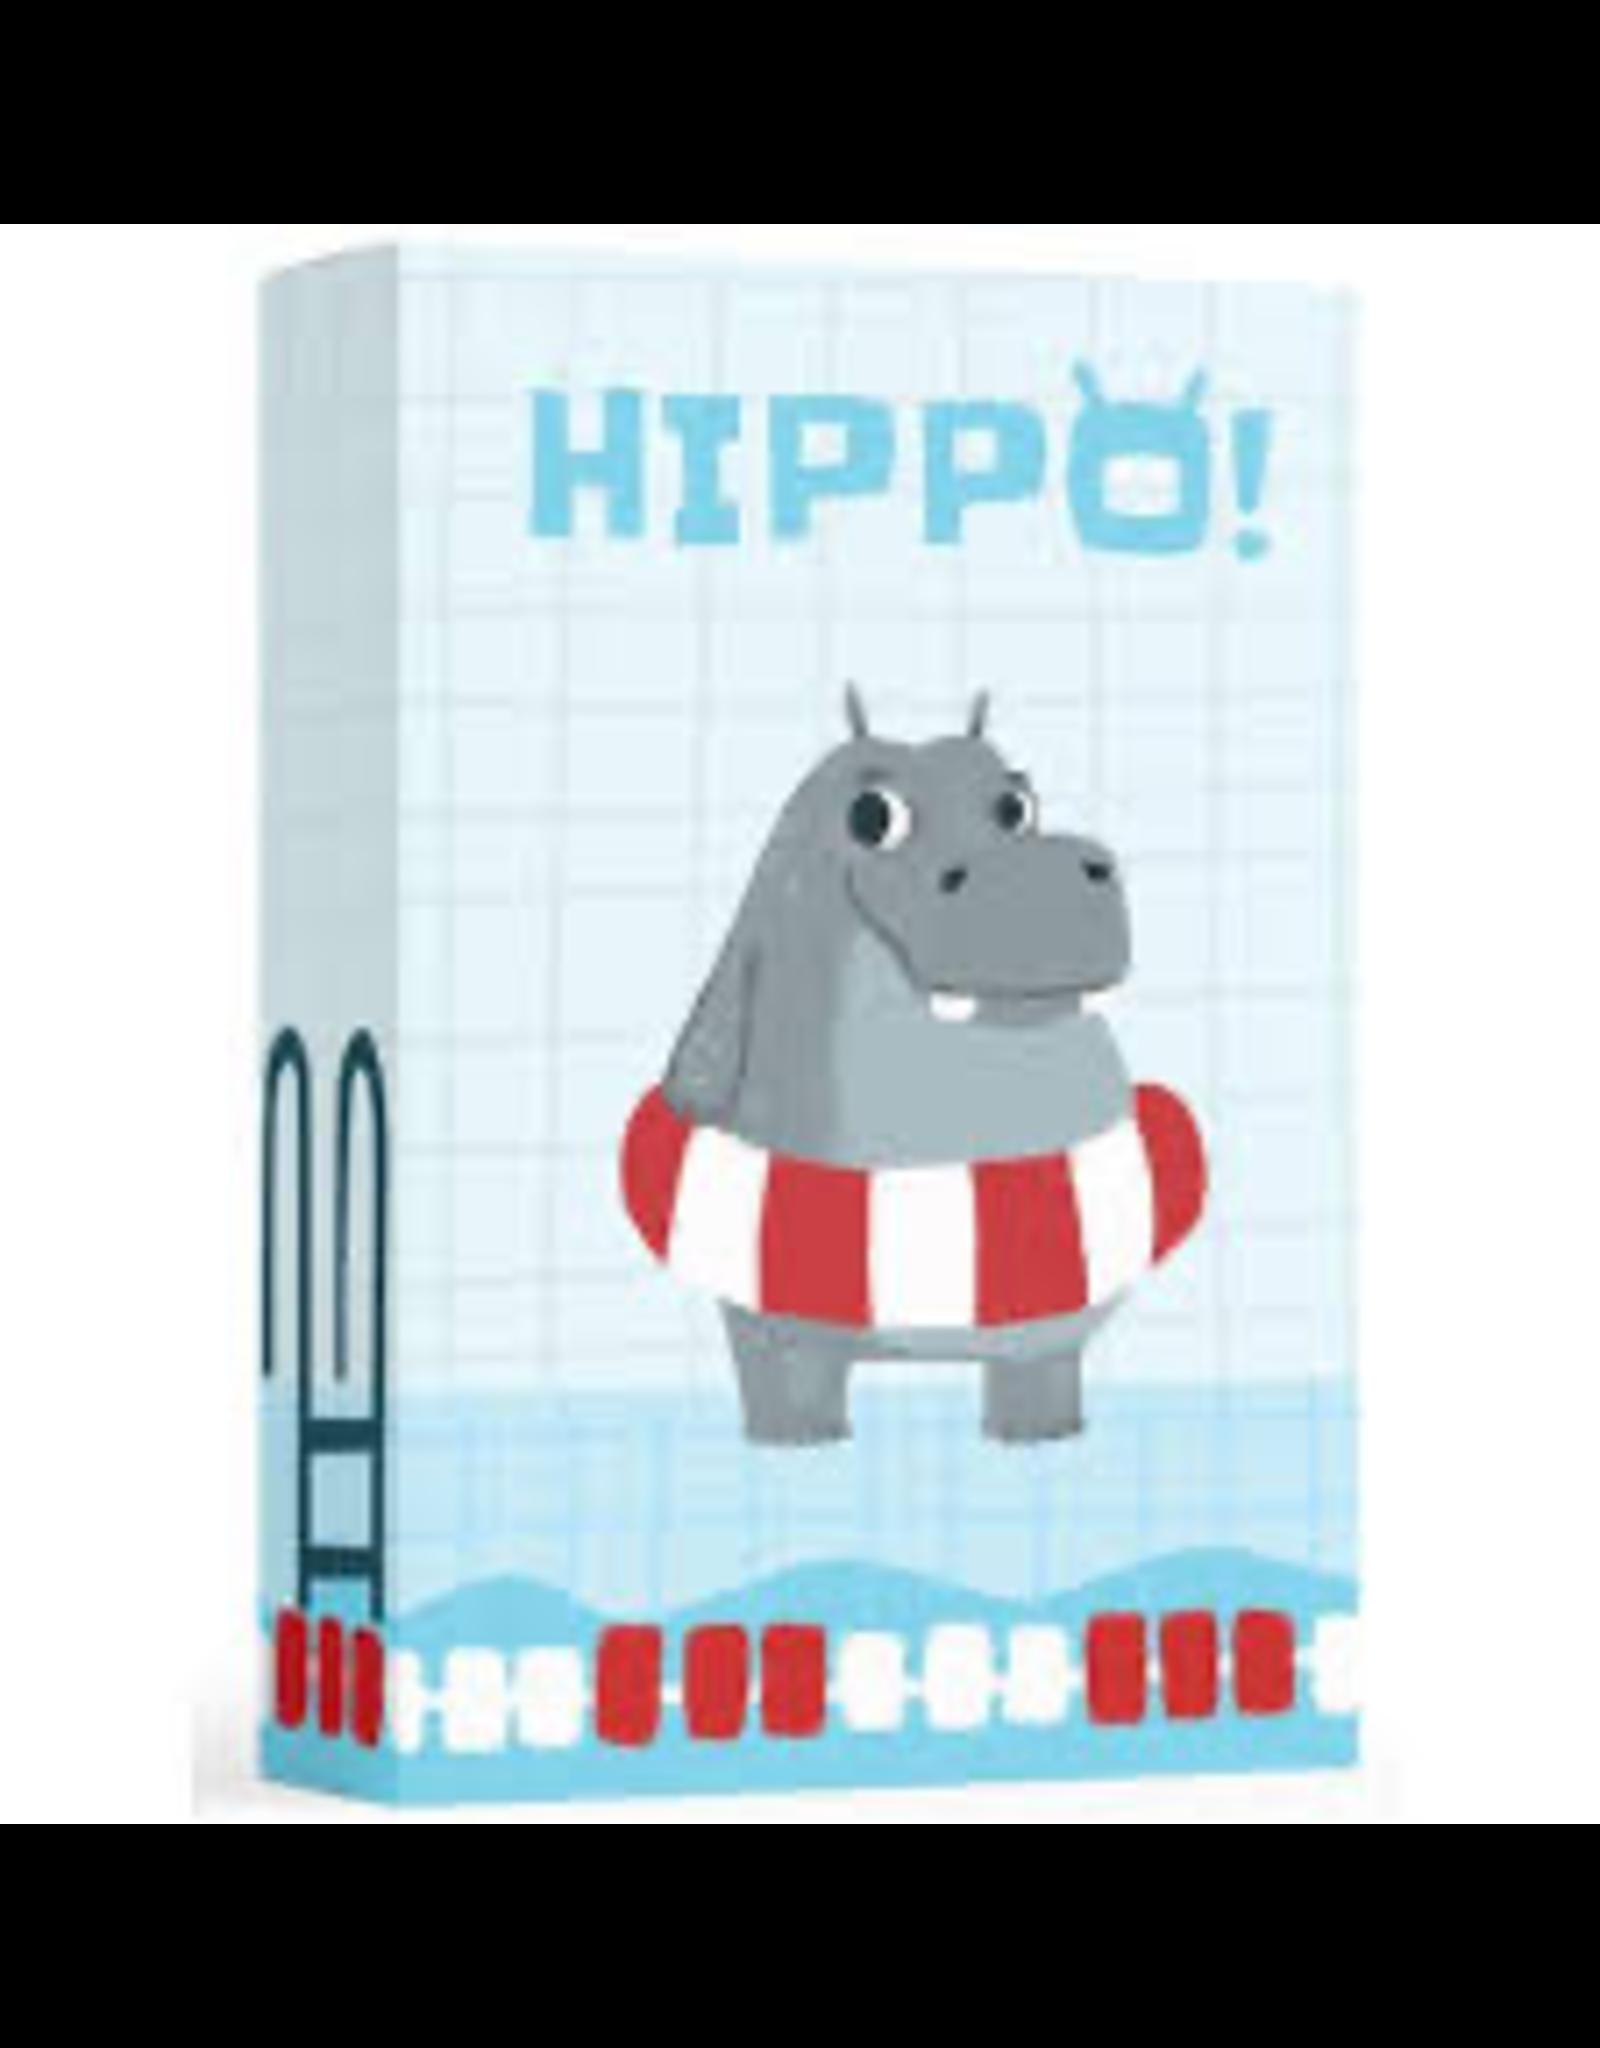 Helvetiq Hippo!